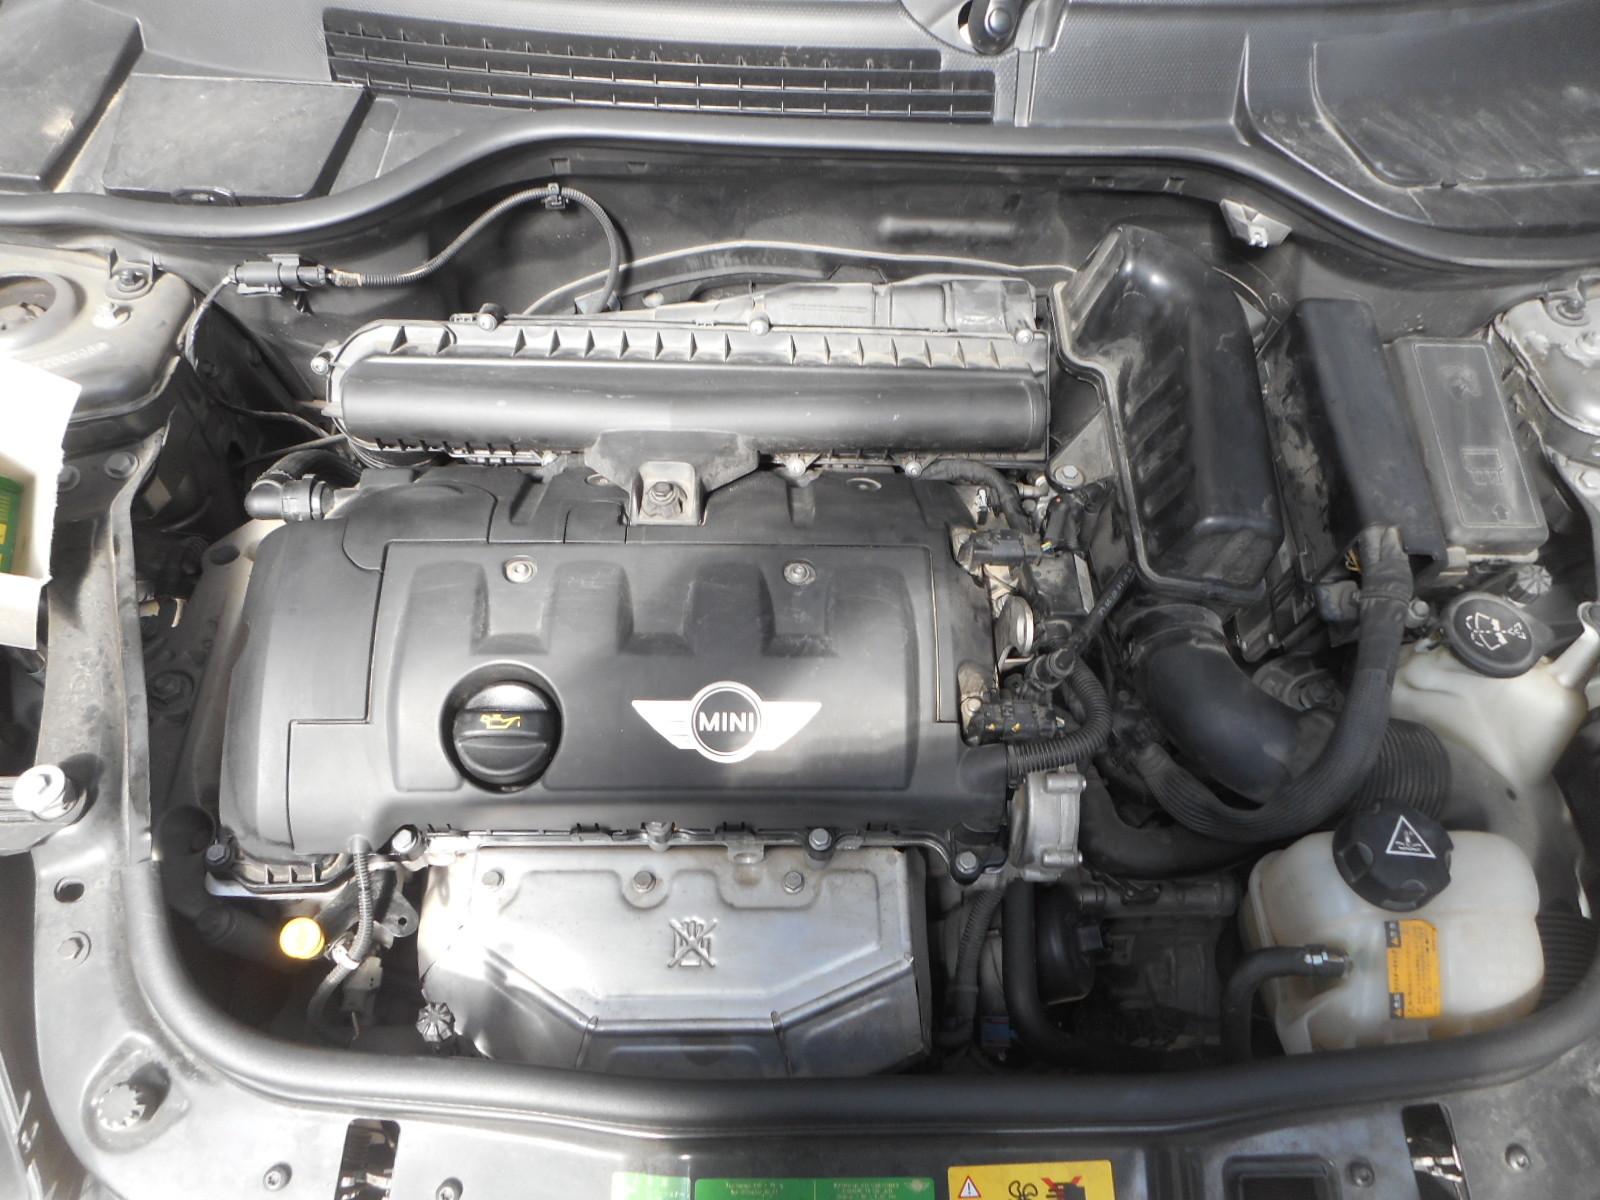 BMWミニ (R56)クラブマン エンジン不調修理(イグニッションコイル他)_c0267693_17410960.jpg